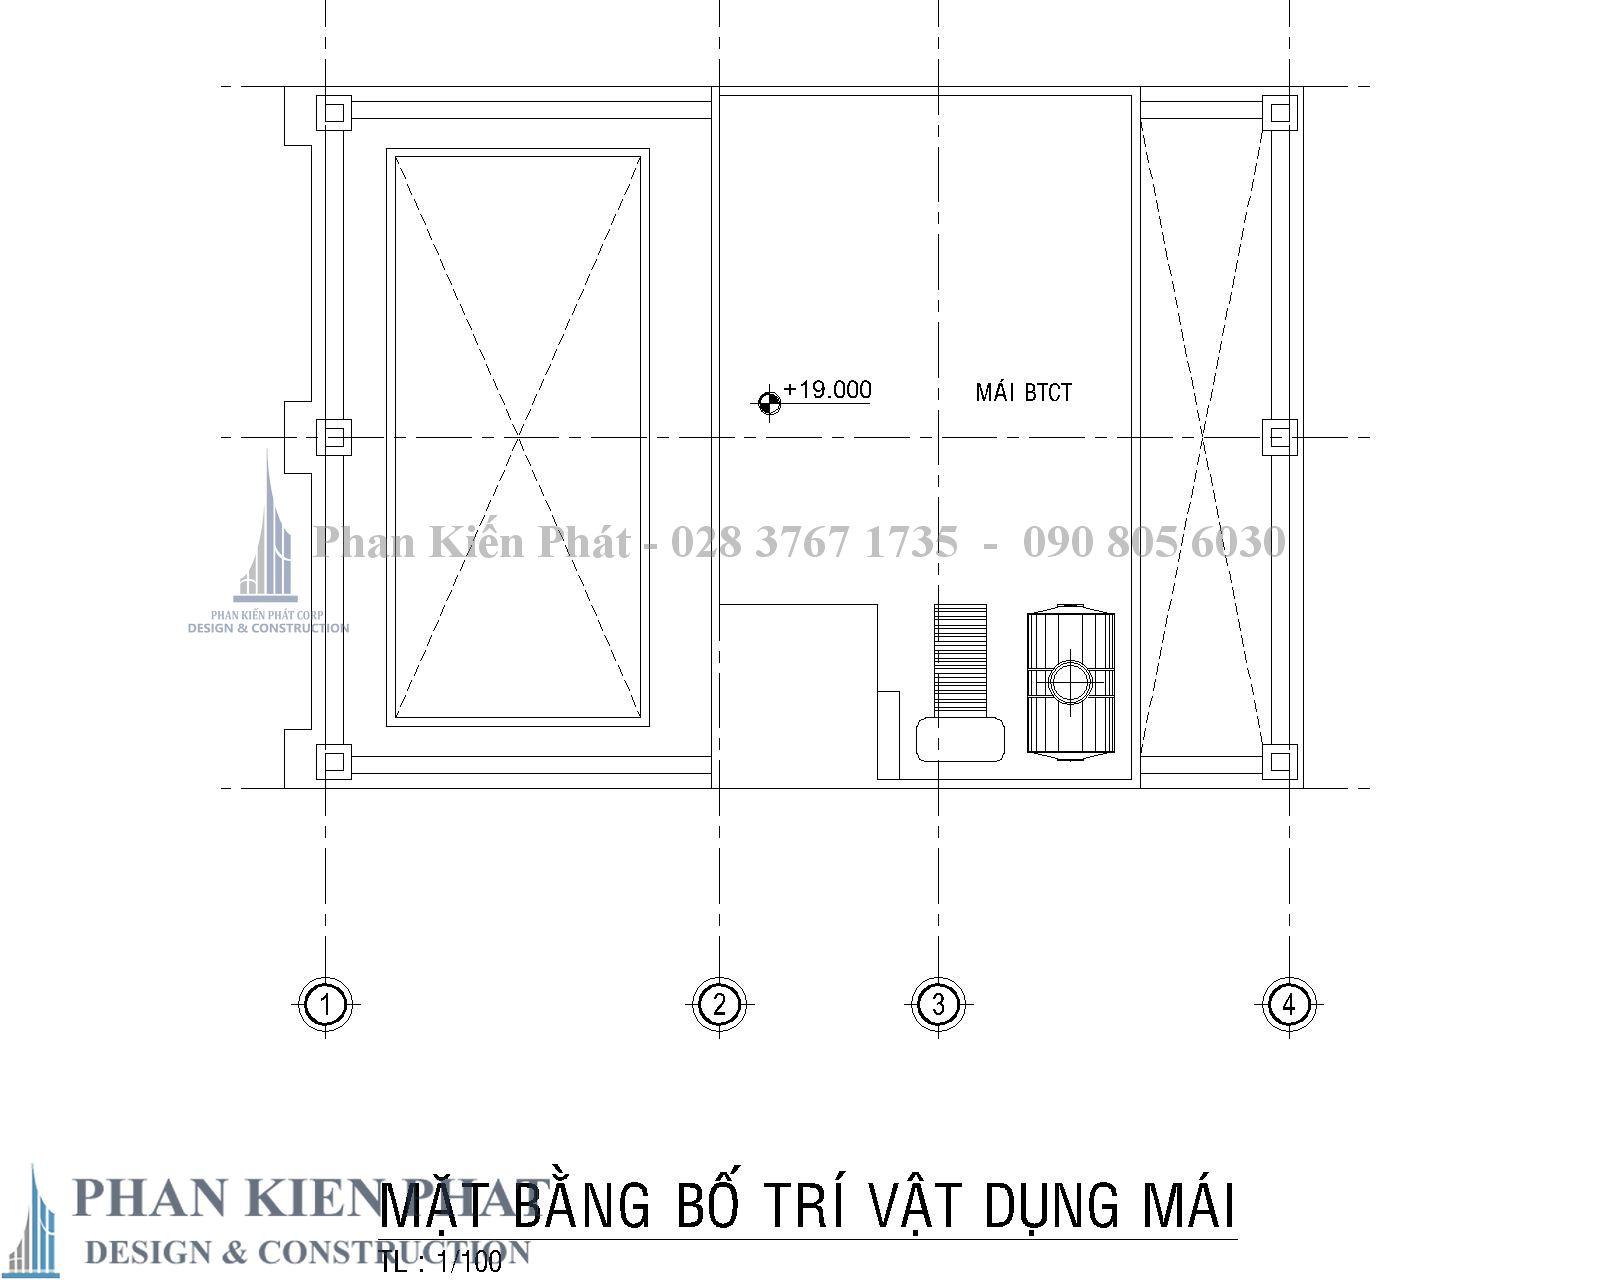 Mat Bang Bo Tri Vat Dung Mai Biet Thu Co Dien - Thiết kế biệt thự cổ điển